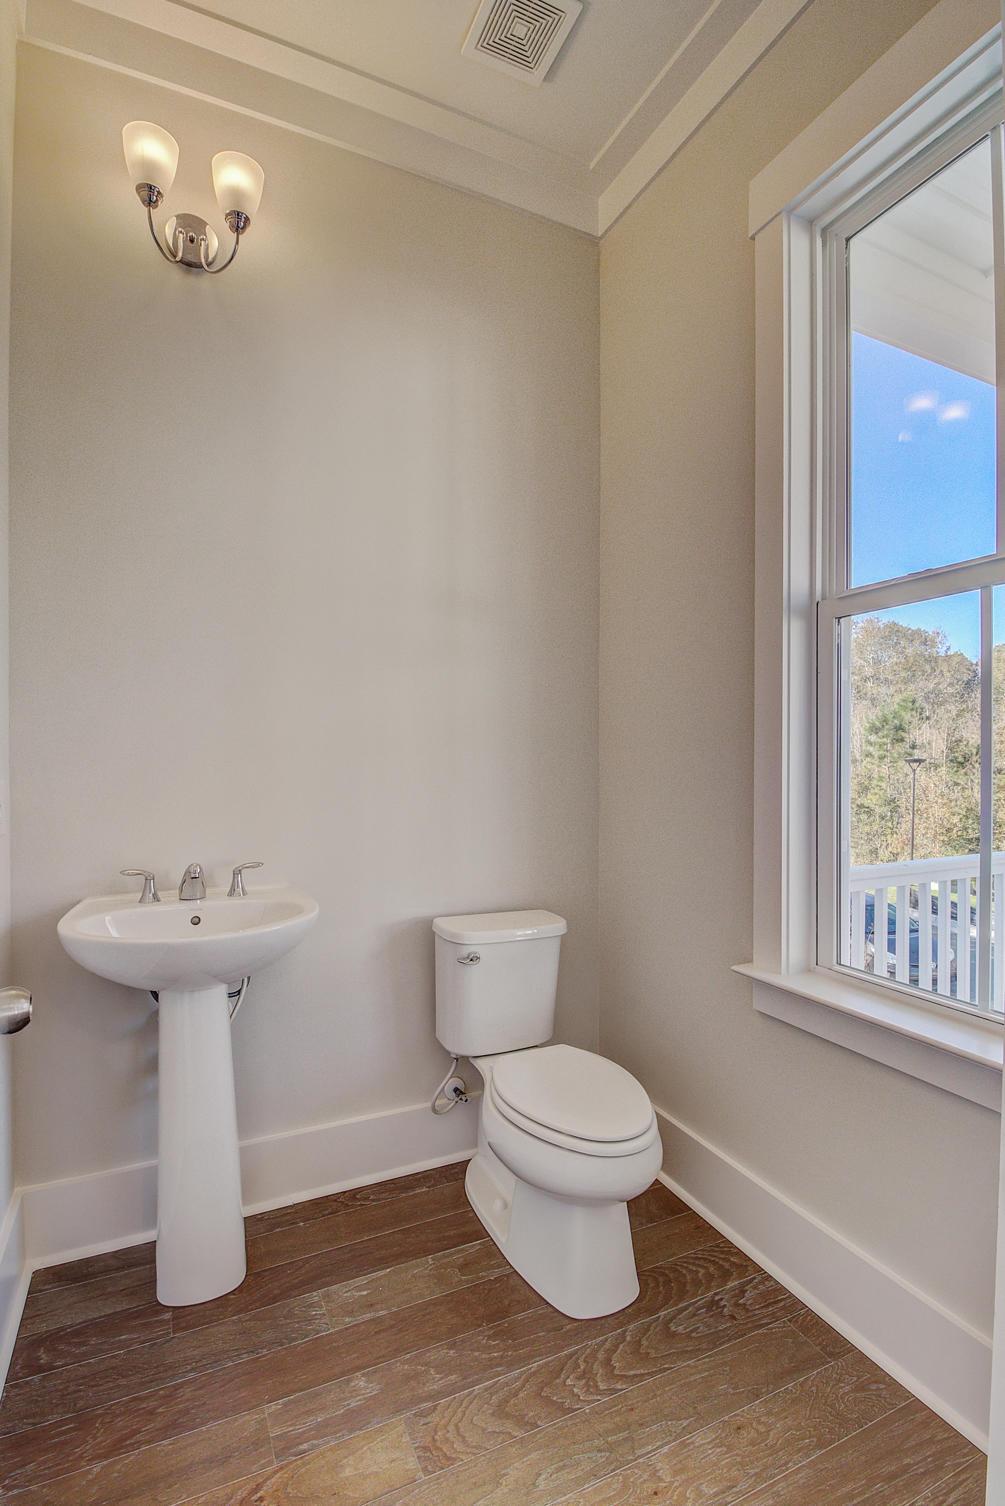 Fulton Park Homes For Sale - 2445 Giles, Mount Pleasant, SC - 29